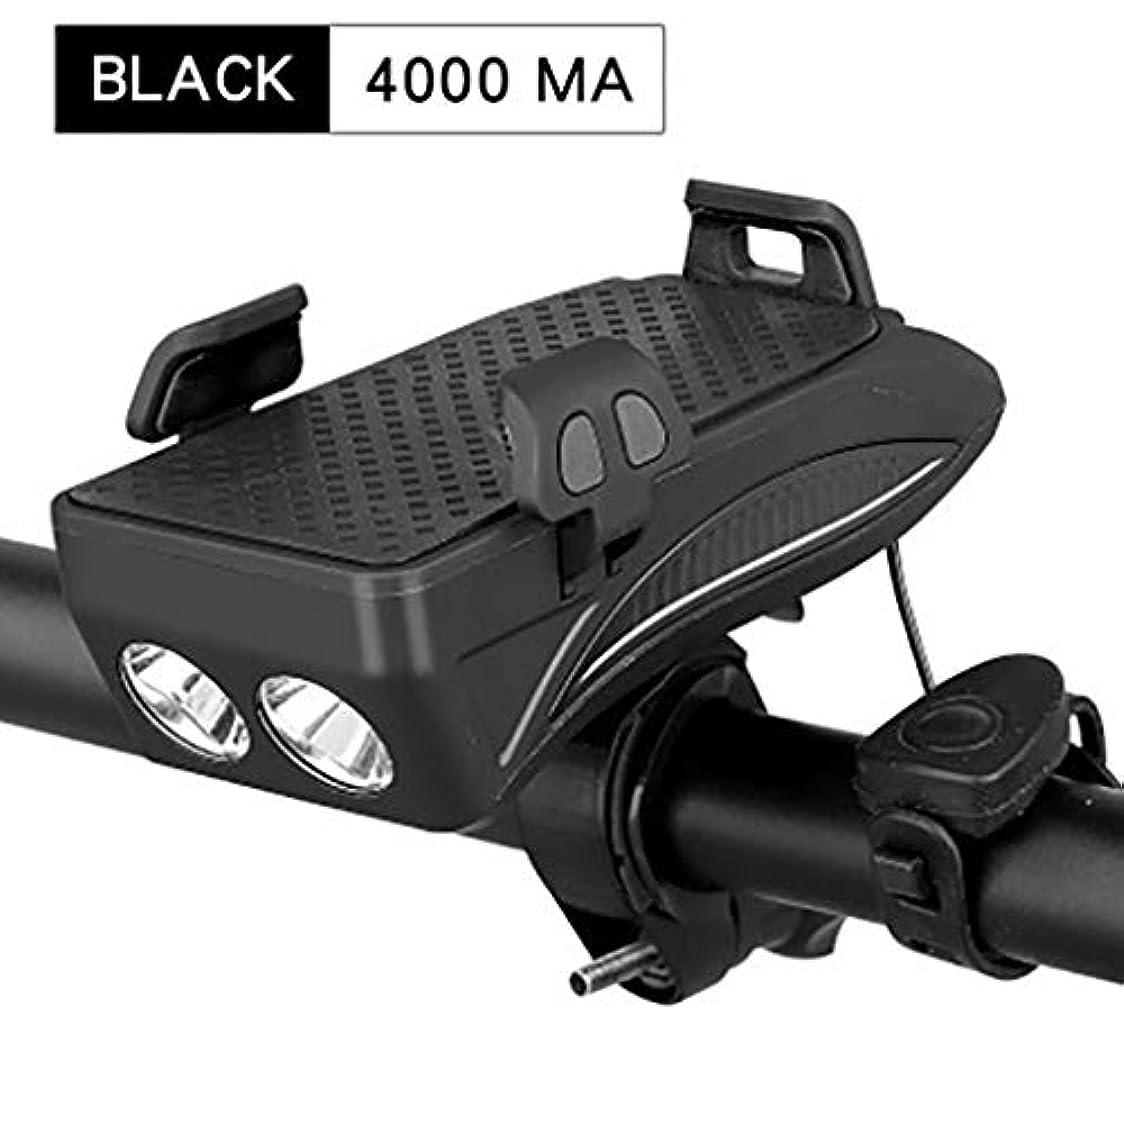 やさしく家主散髪KOROWA 自転車 ライト USB充電式 LEDヘッドライト 自転車ヘッドライト 自転車ホルダー 大容量4000mah スマホ充電可能 400ルーメン 5モードクラクション功能付き 高輝度 IPX5 防水 防振 アルミ合金製 懐中電灯兼用